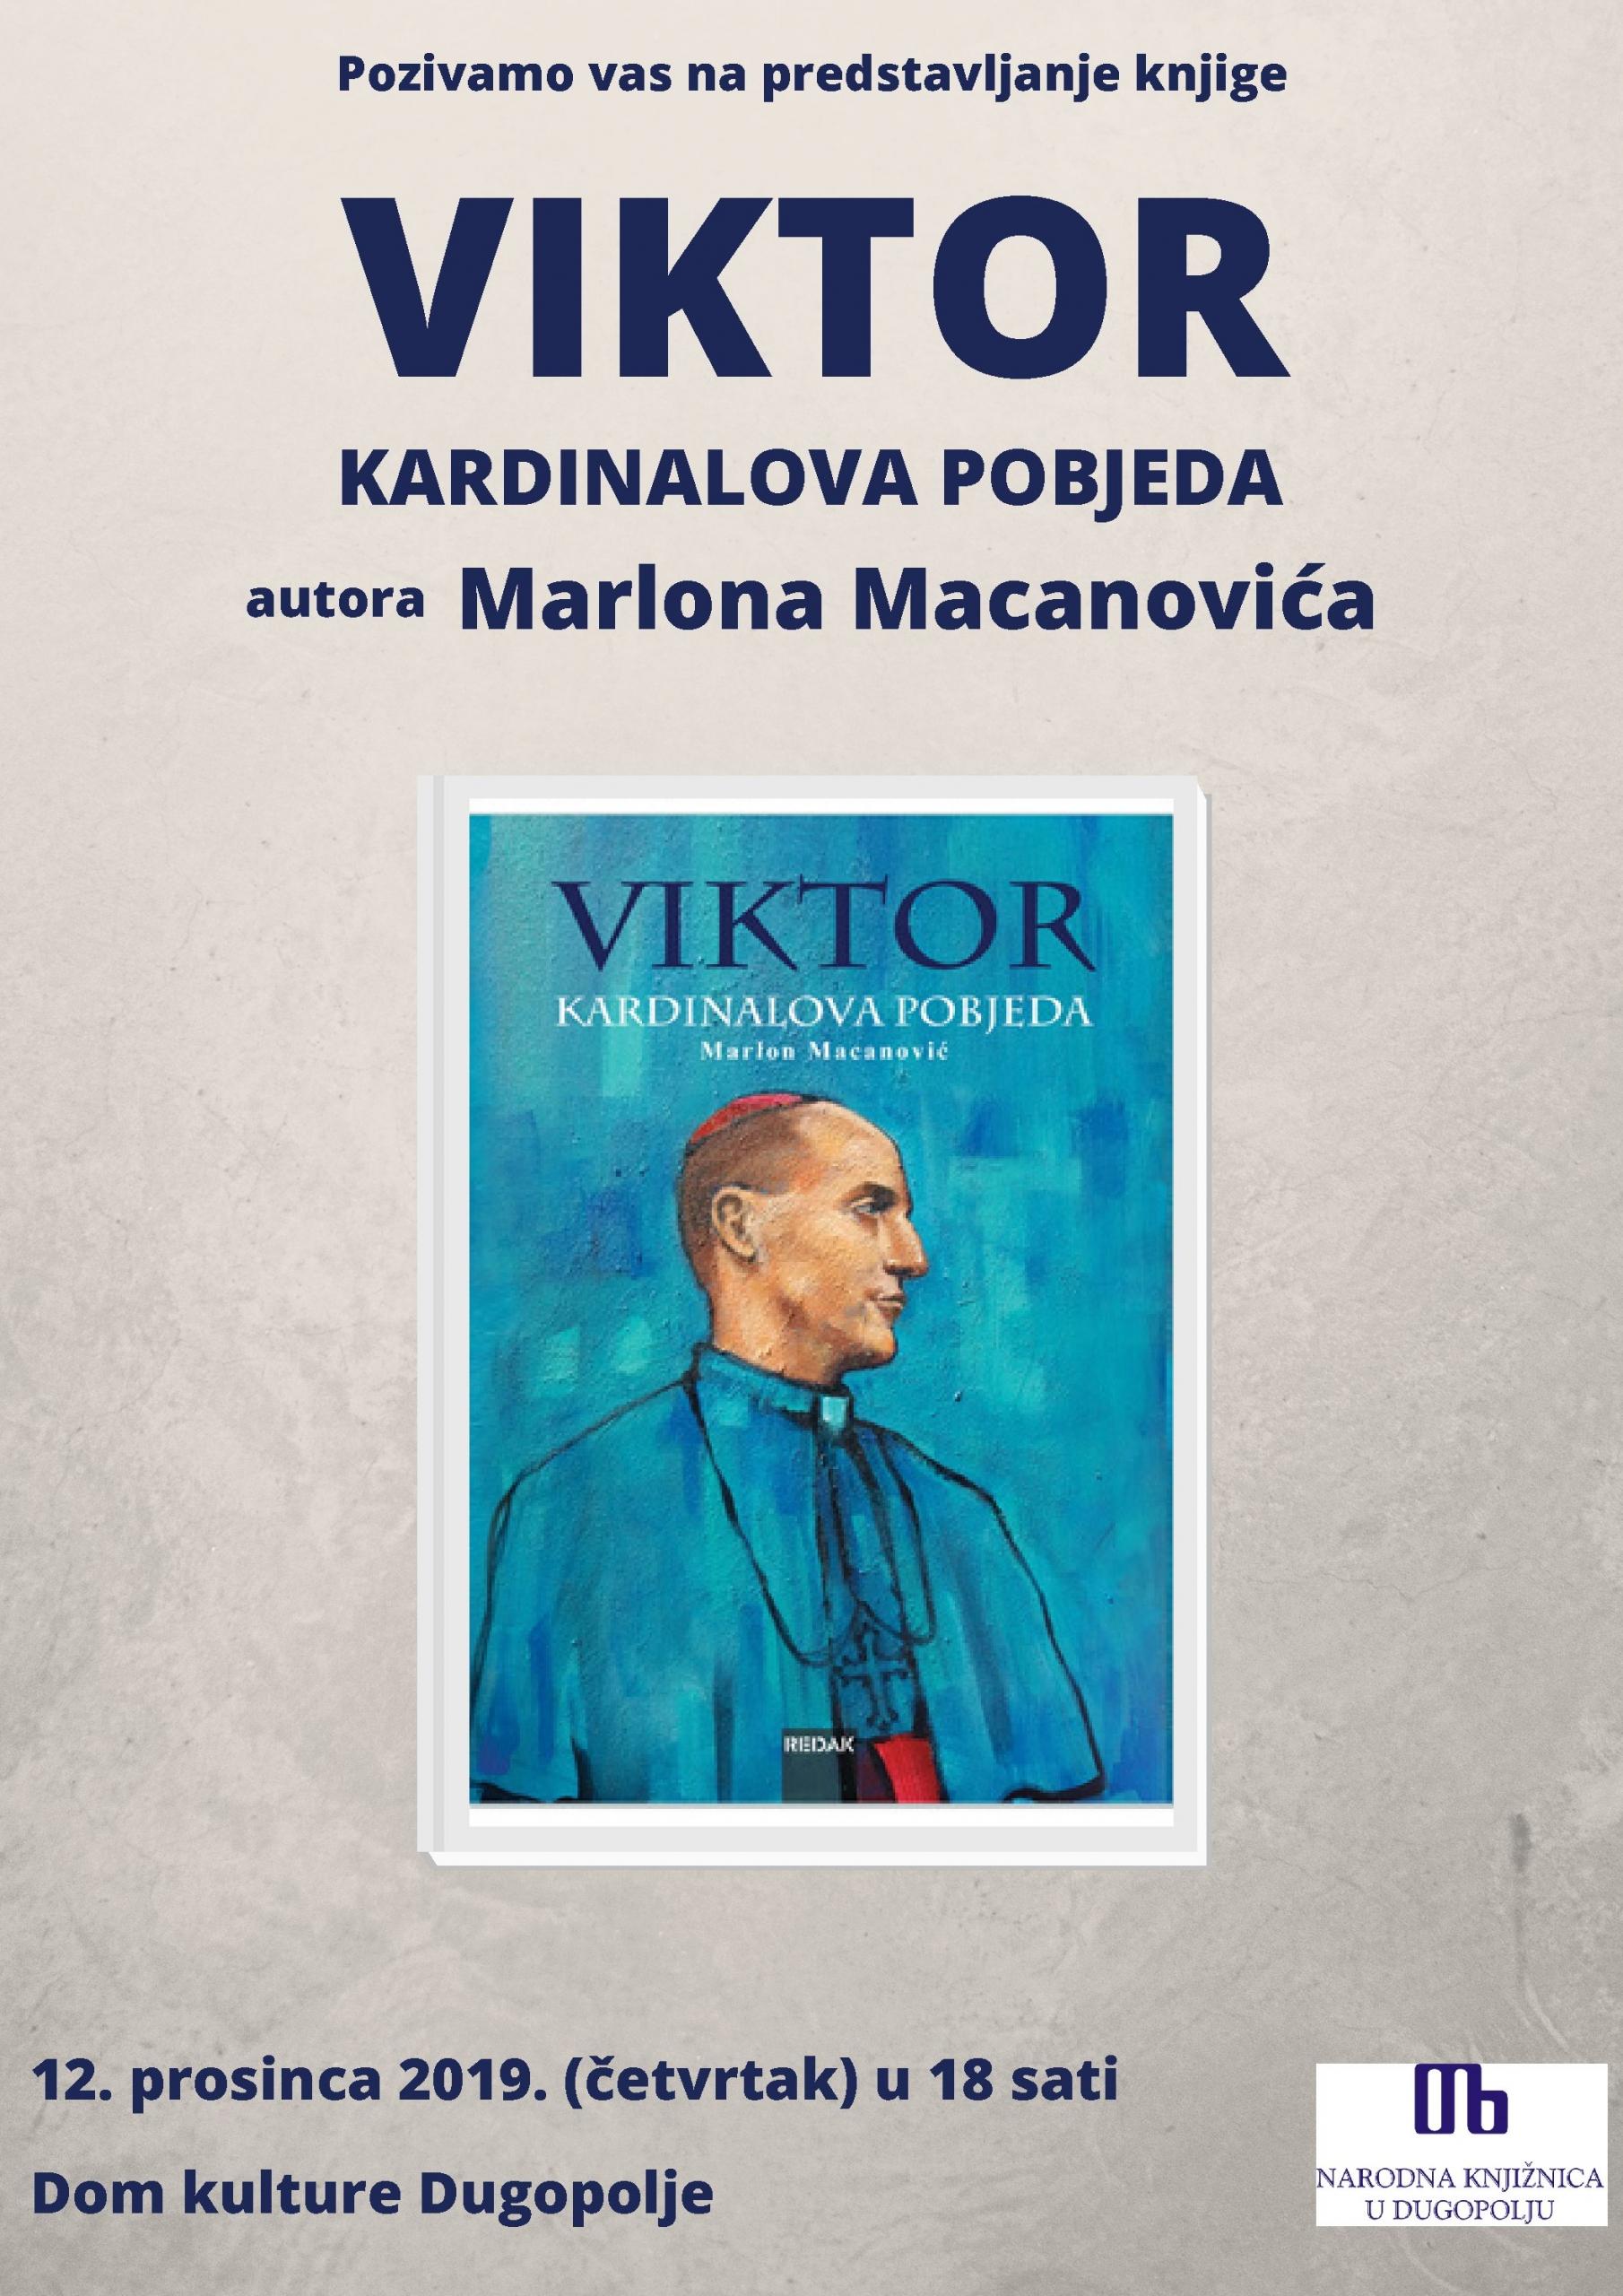 Autor Vikor - Kardinalova pobjeda slika naslovnice knjige